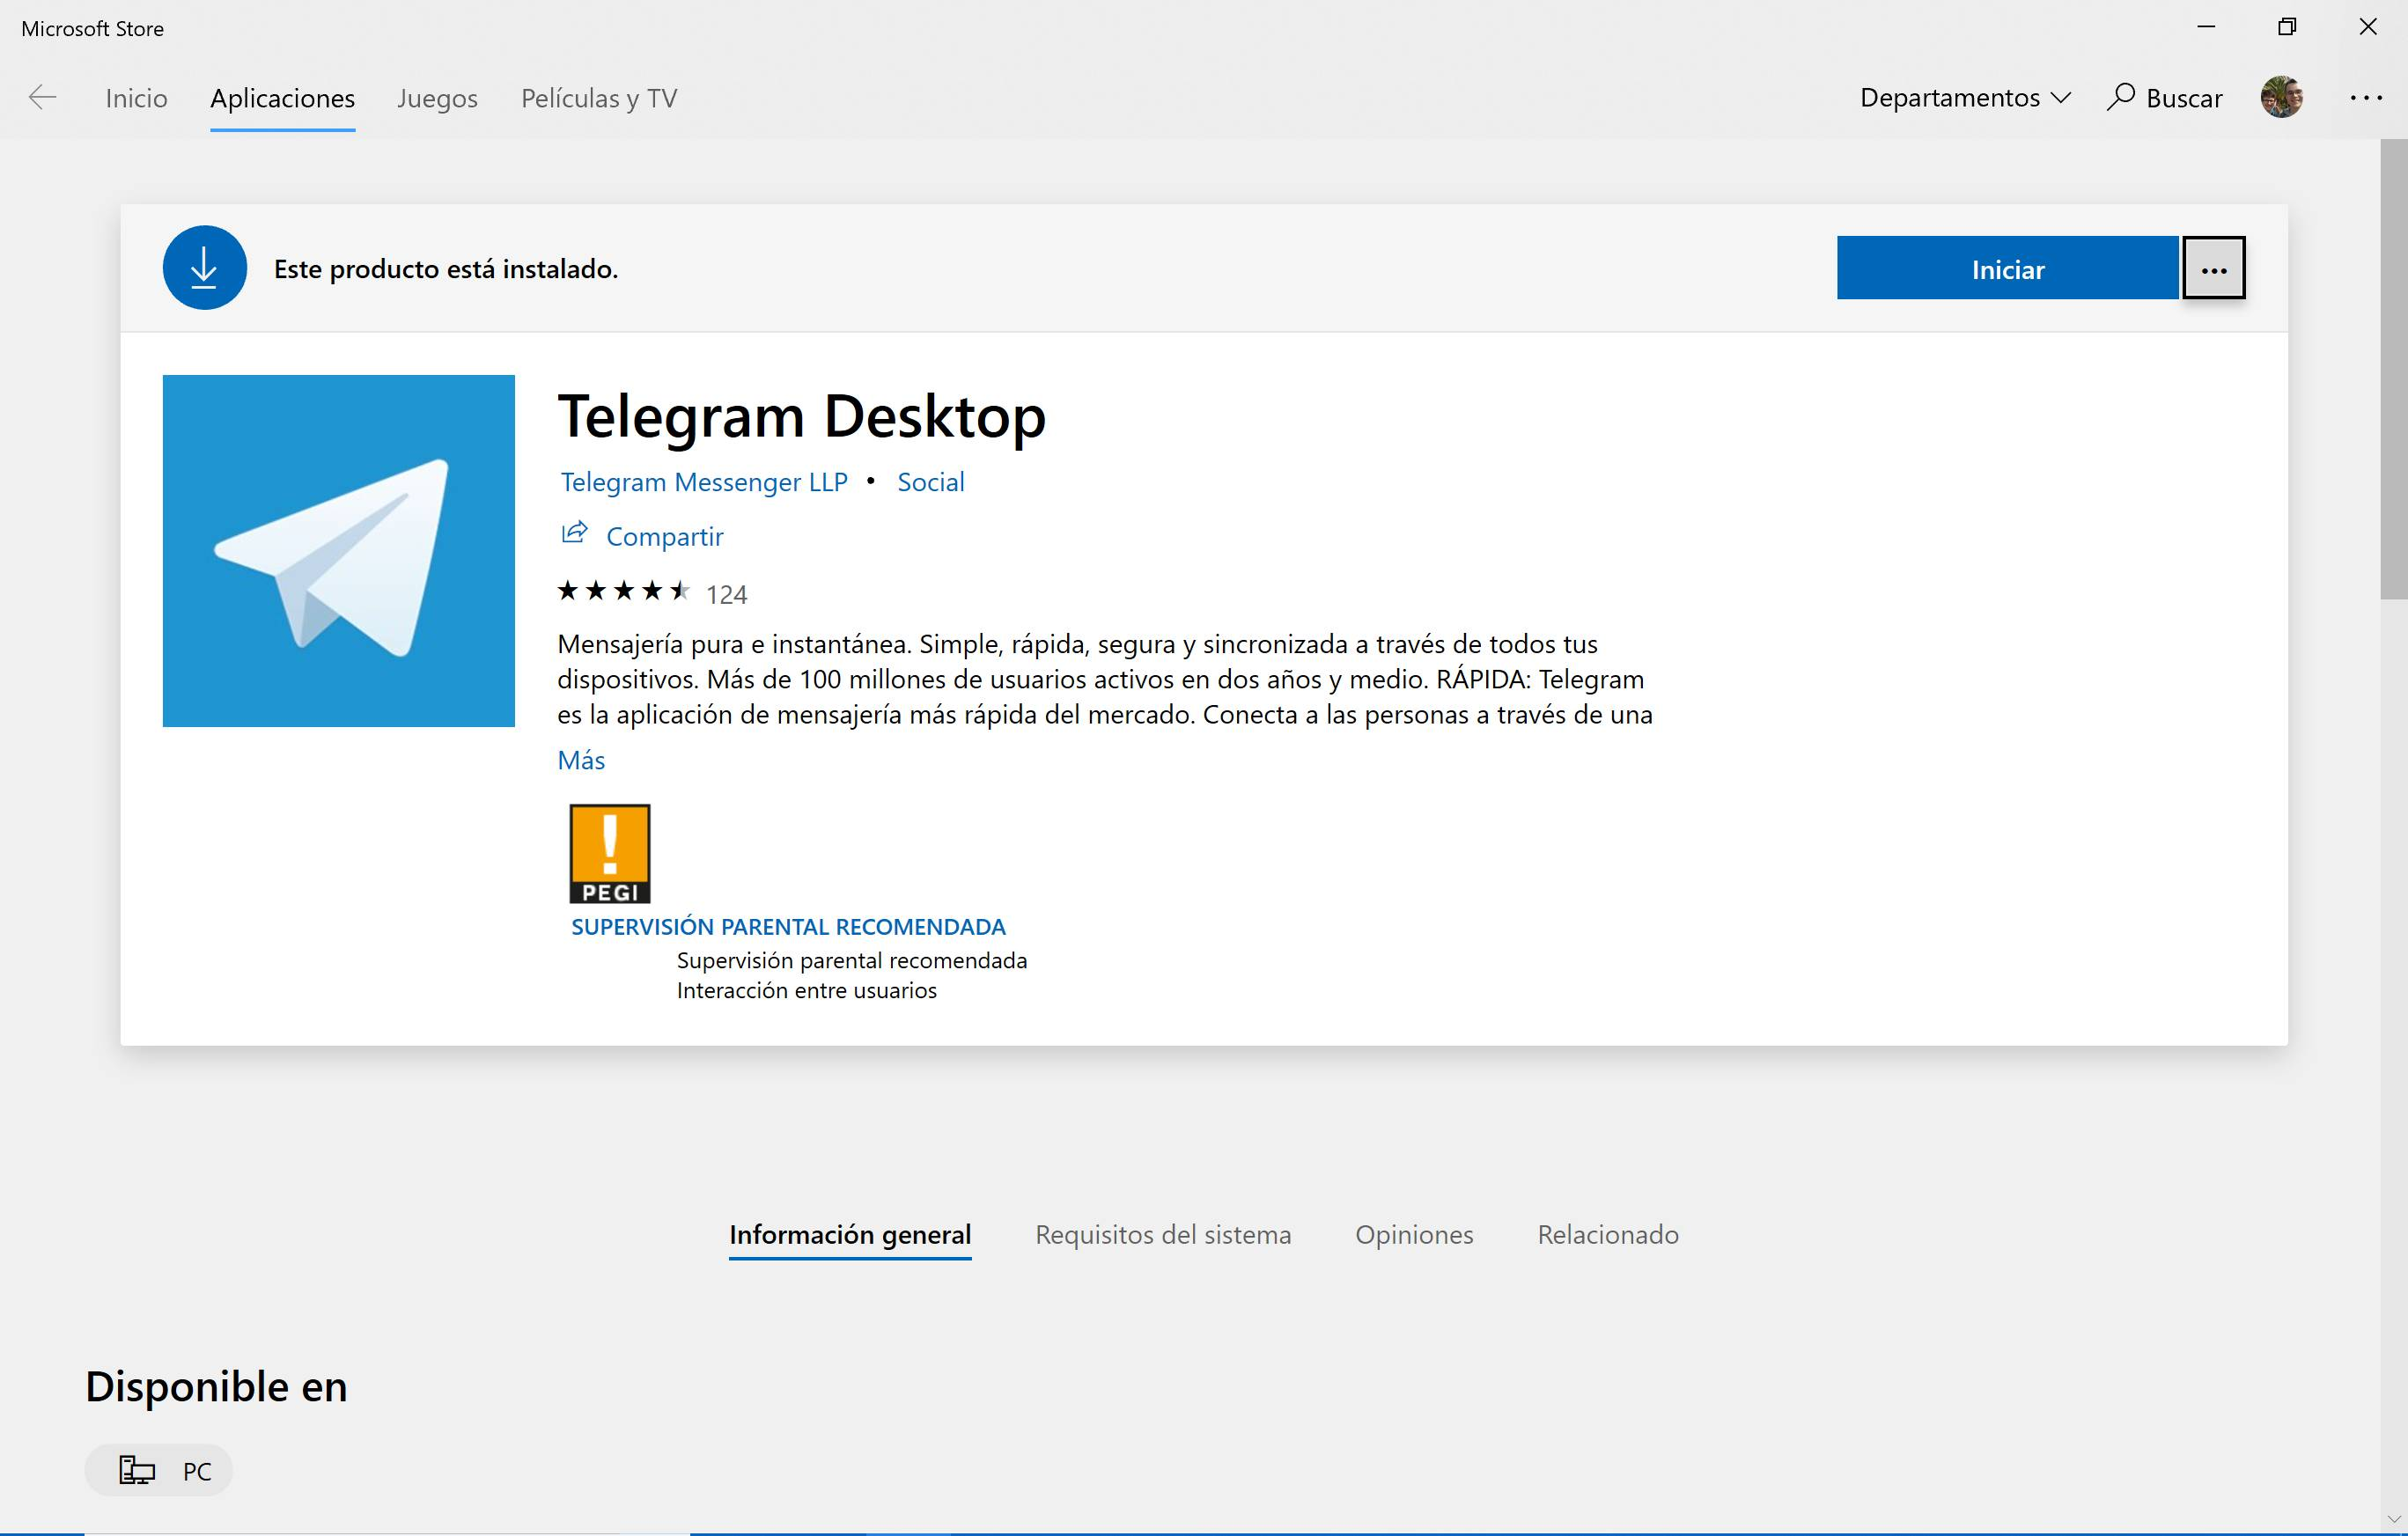 Microsoft Store aplicación